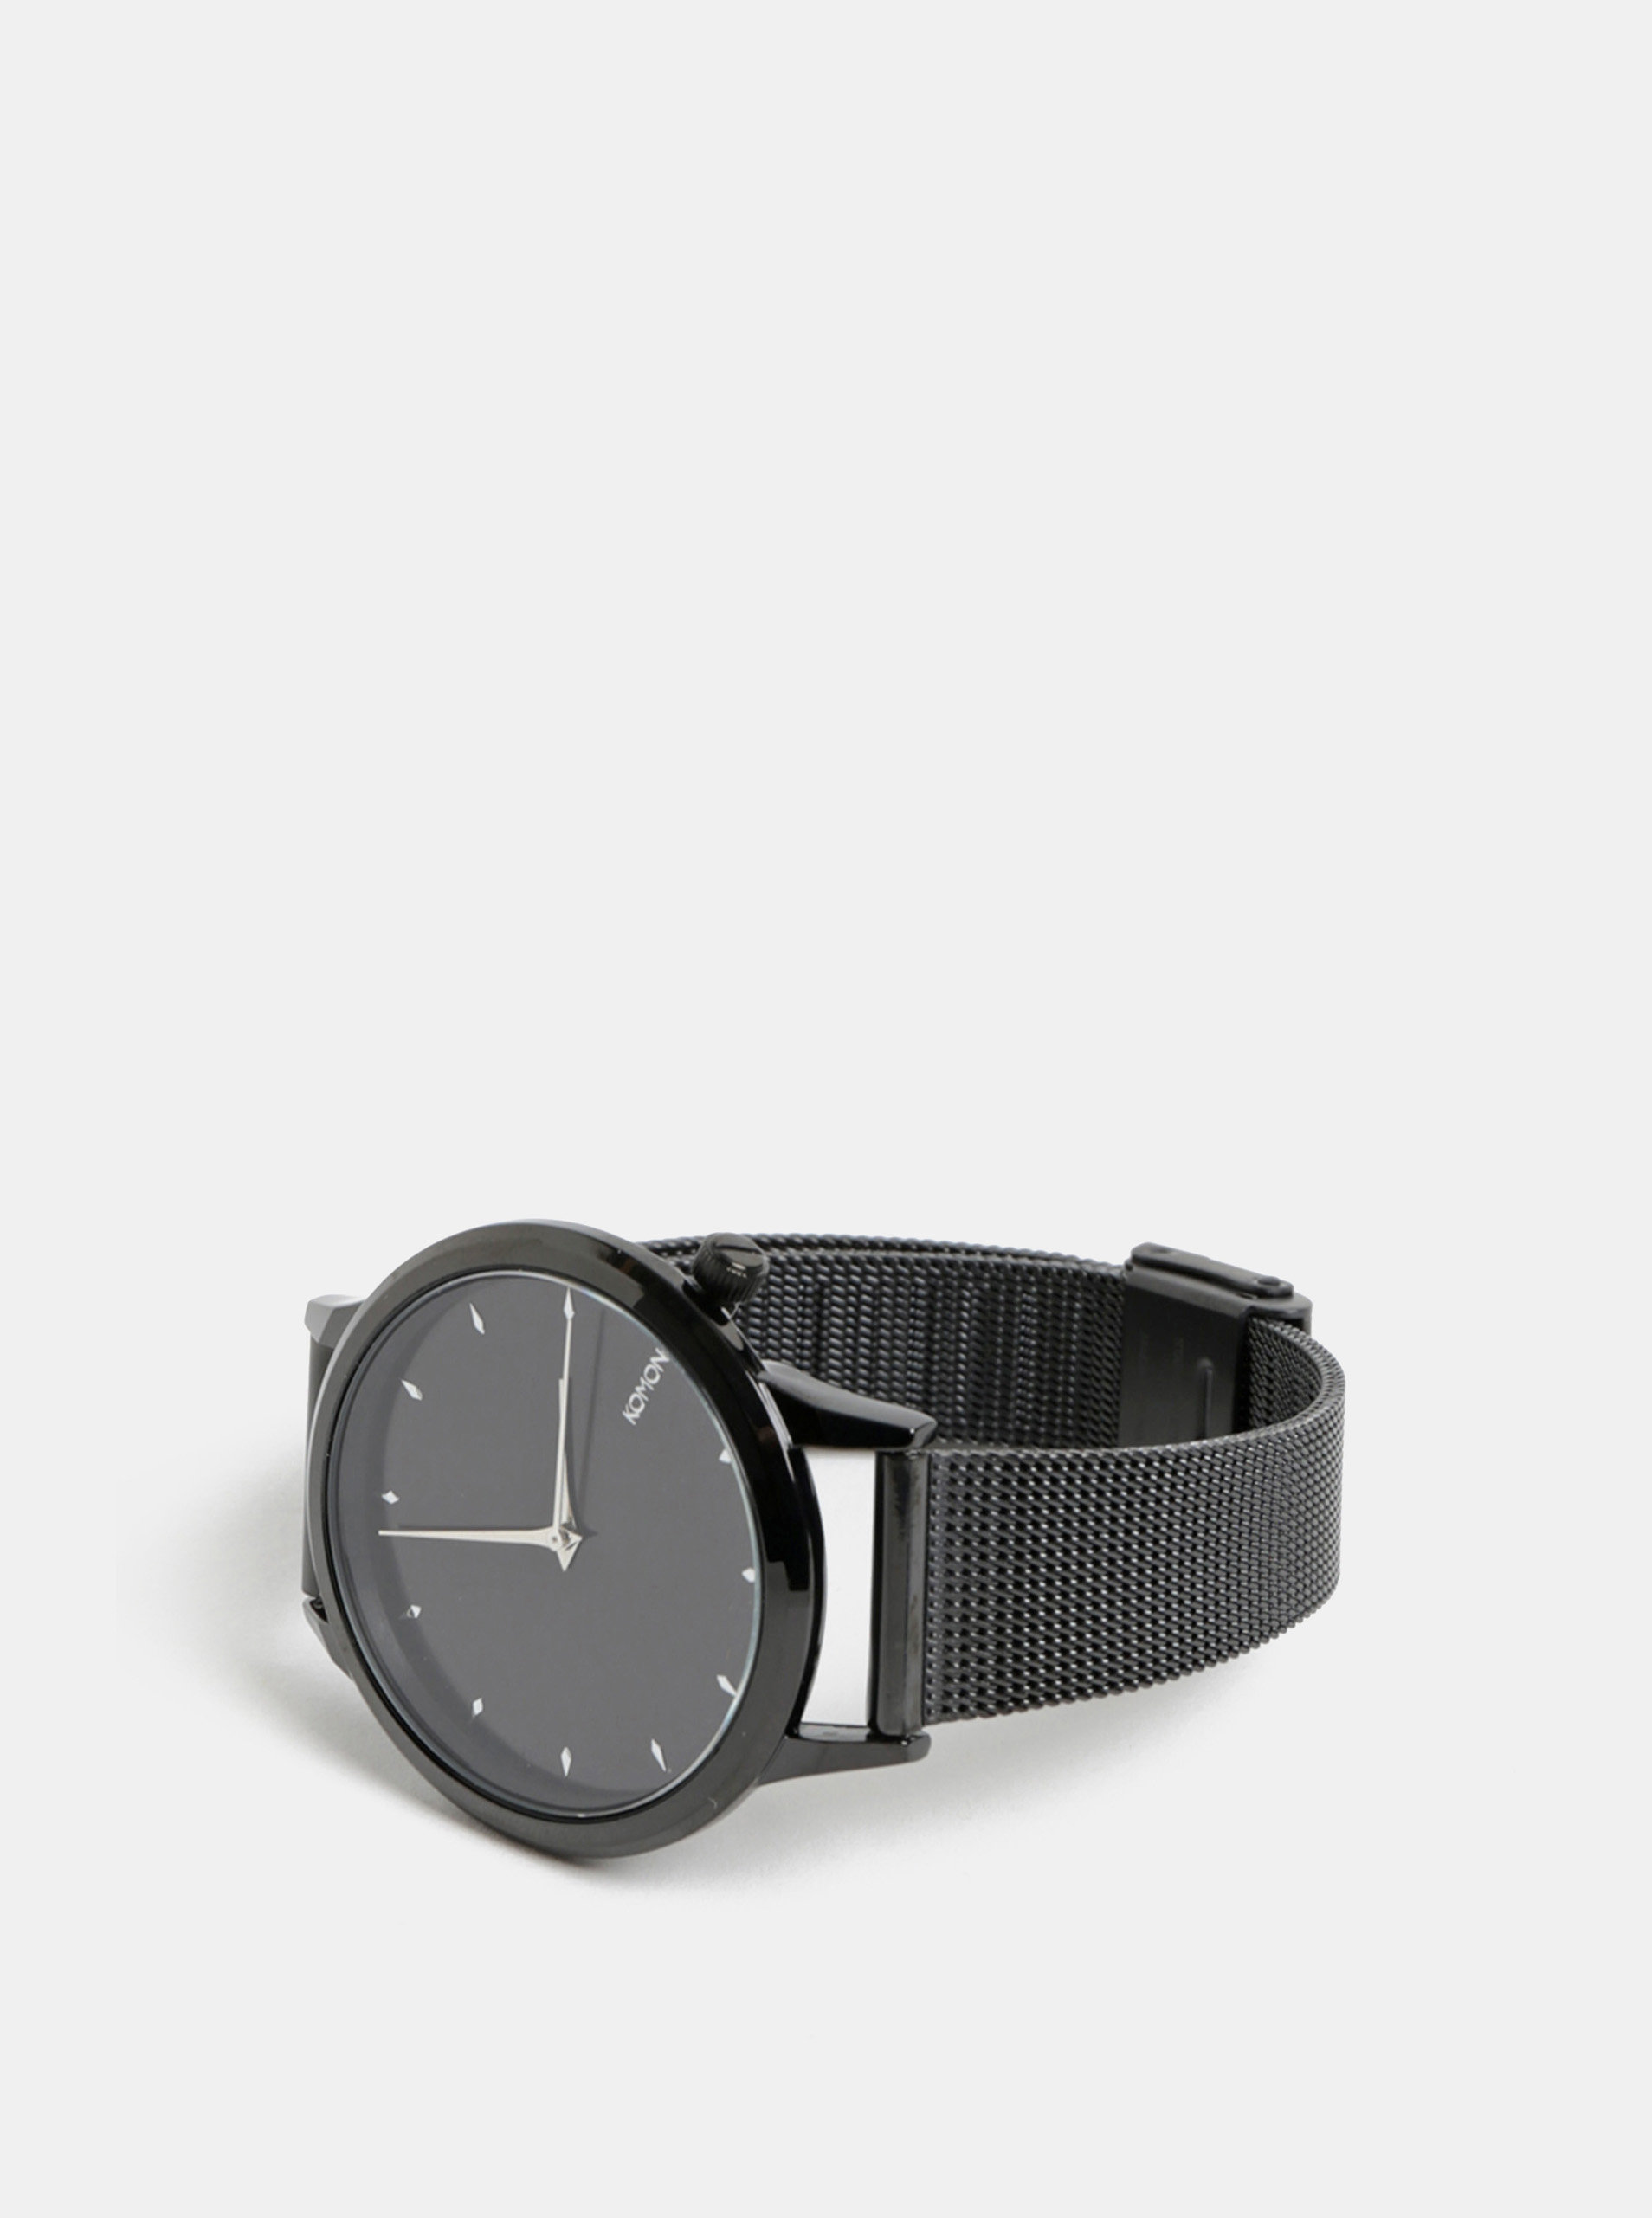 Dámské hodinky v černé barvě Komono Lexi Eoyale ... 1da2b86a36